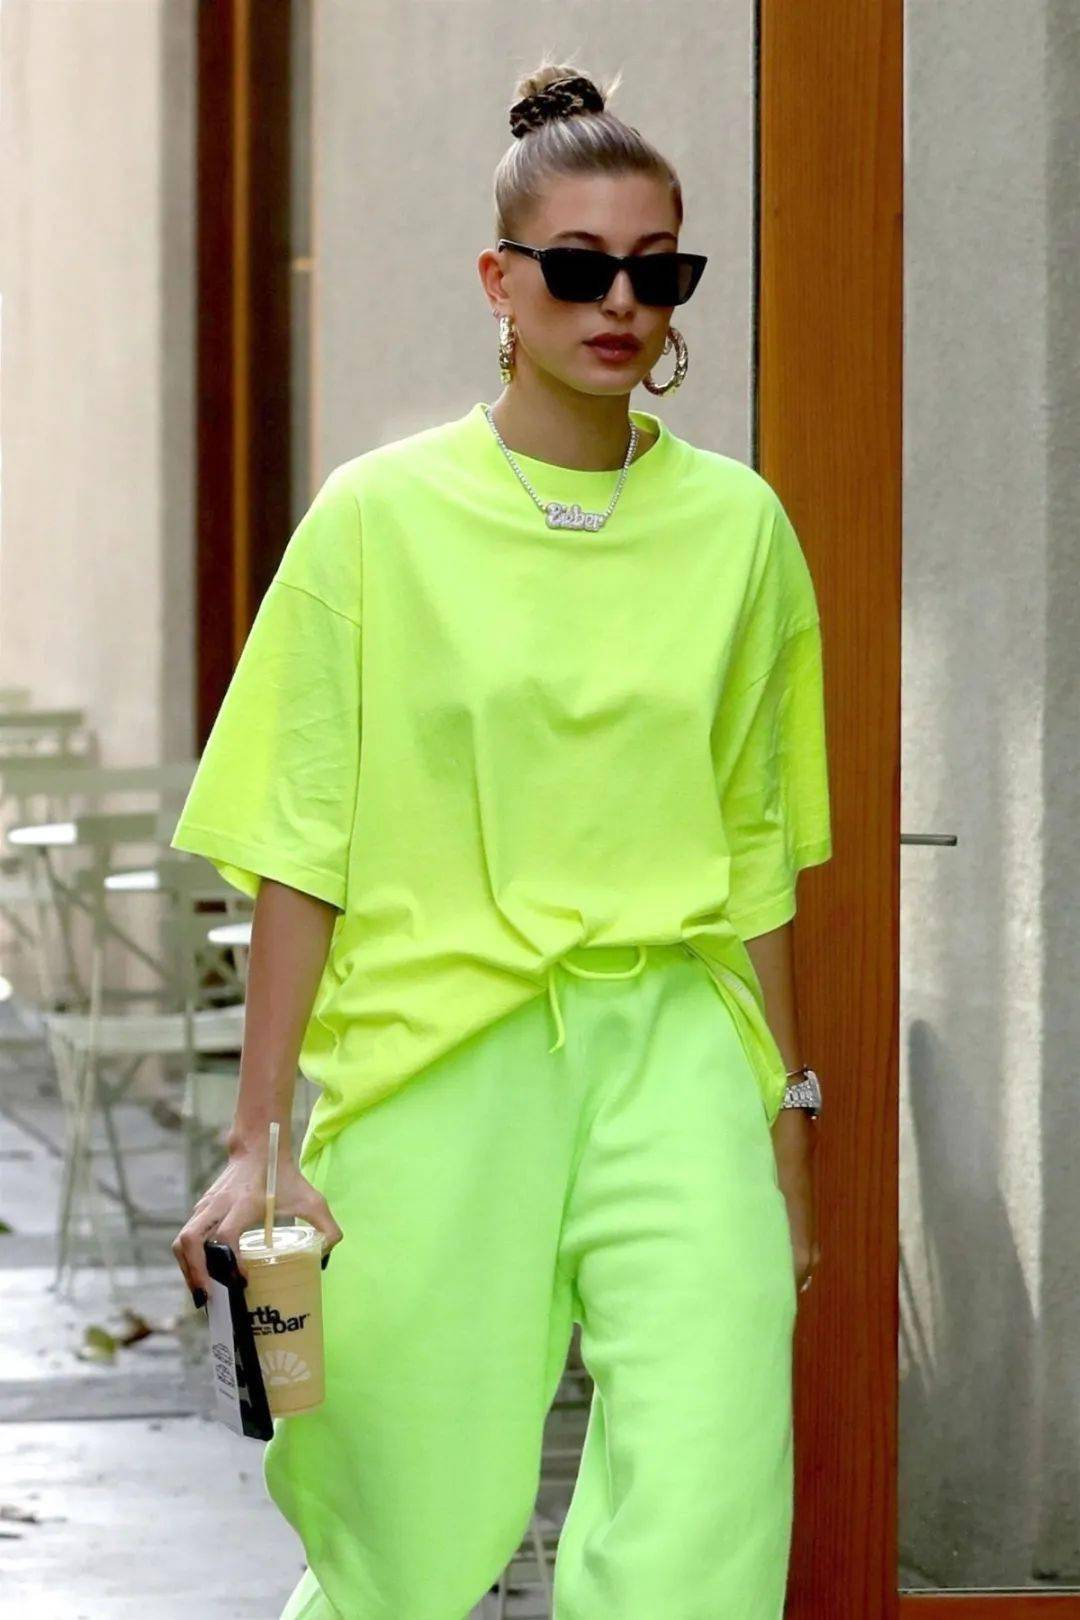 显白又好看,绿色竟然可以这么时髦